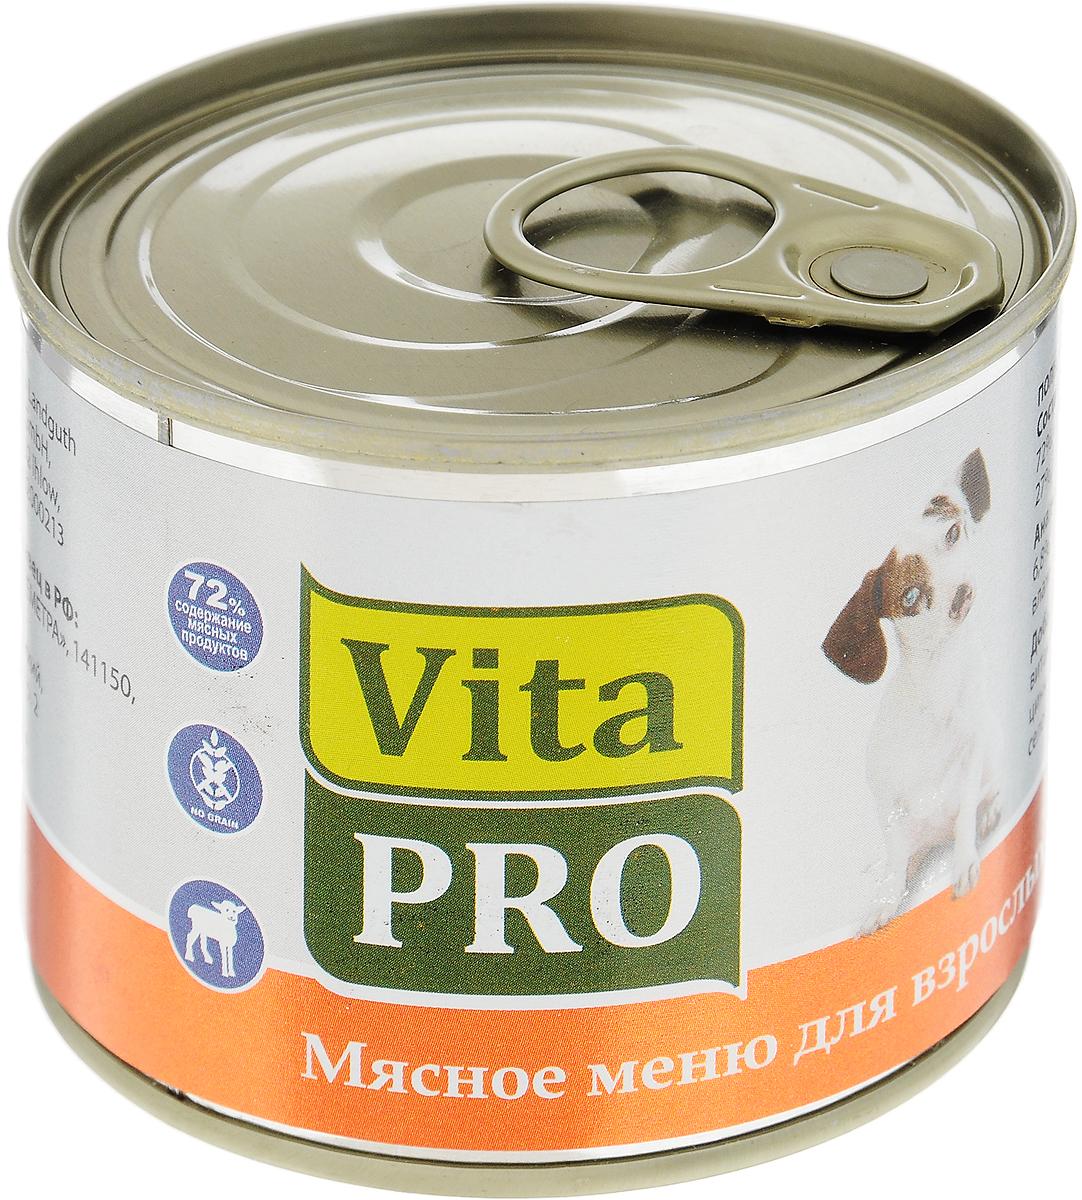 Консервы для собак Vita Pro Мясное меню, с ягненком, 200 г0120710Консервы для собак Vita Pro Мясное меню - это консервы из натурального мяса без овощей и злаков с добавлением кальция для растущего организма. Консервы не содержат искусственных красителей и усилителей вкуса. Имеют крупнофаршевую текстуру.Товар сертифицирован.